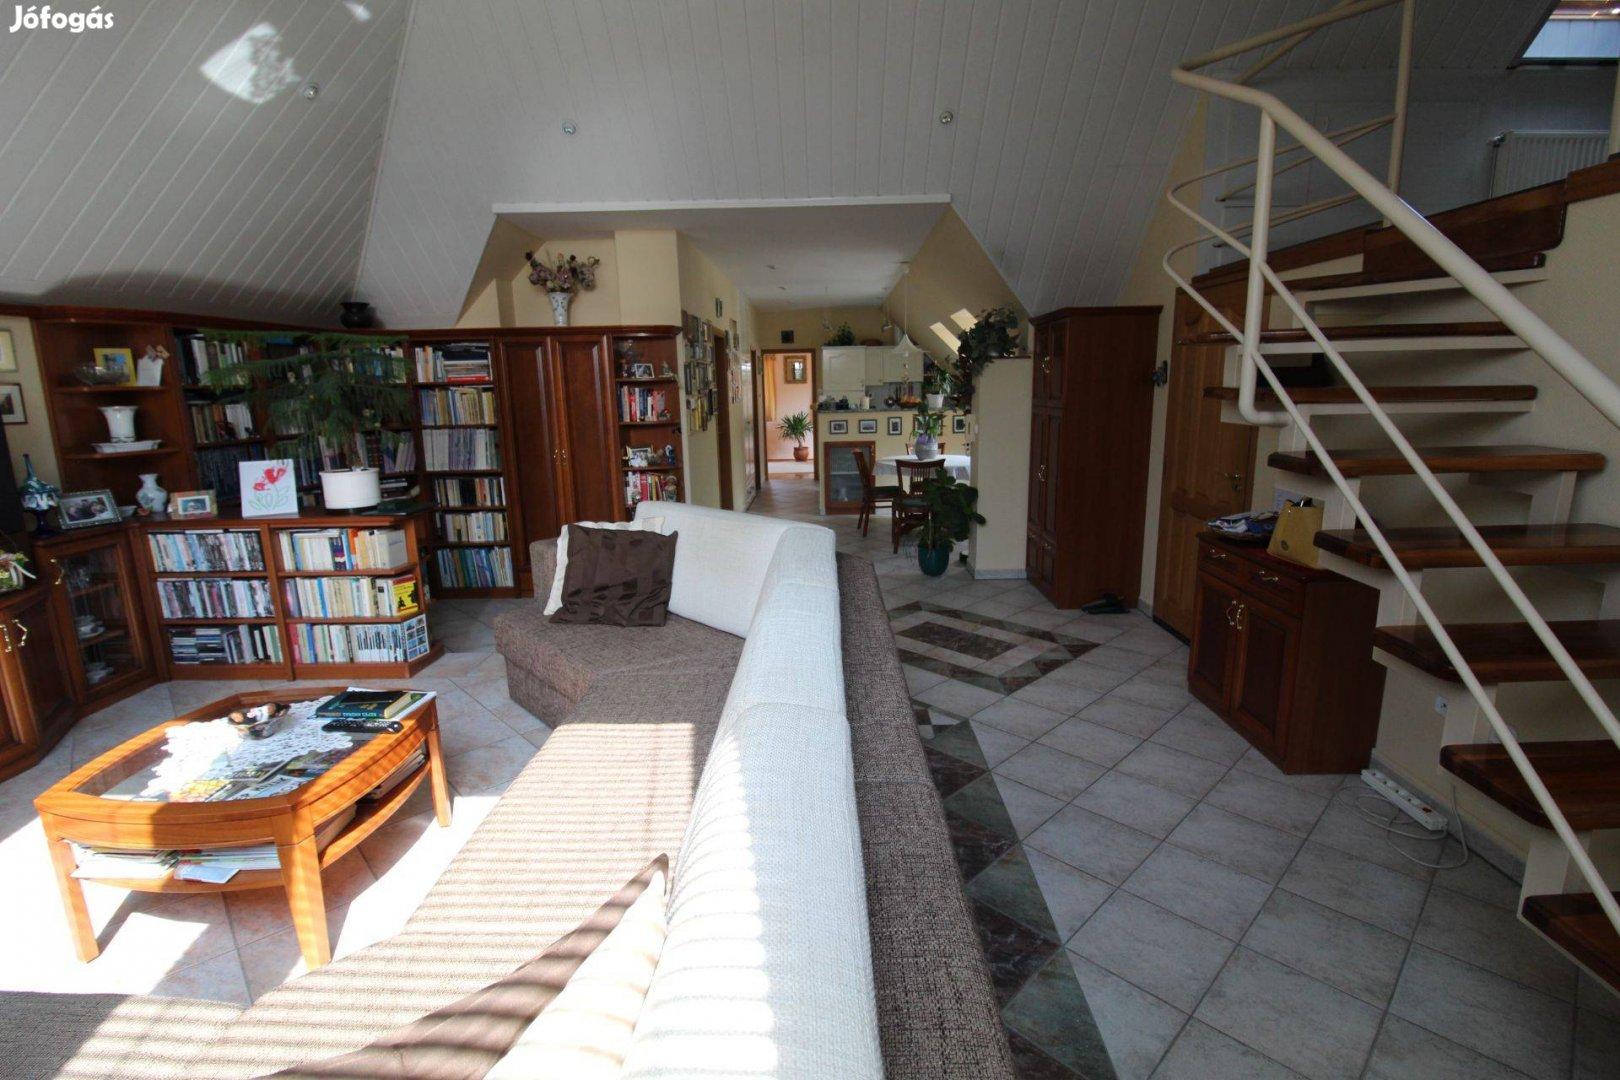 Kétgenerációs családi ház üzlettel a Belvárosban